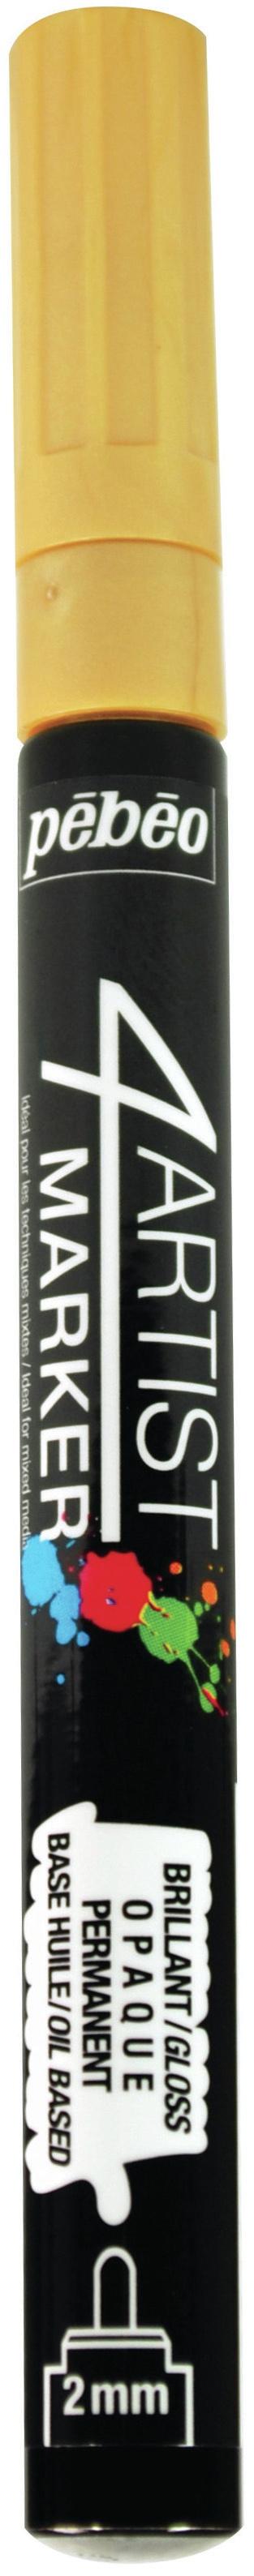 Pebeo Marker Fine Tip 2mm Gold